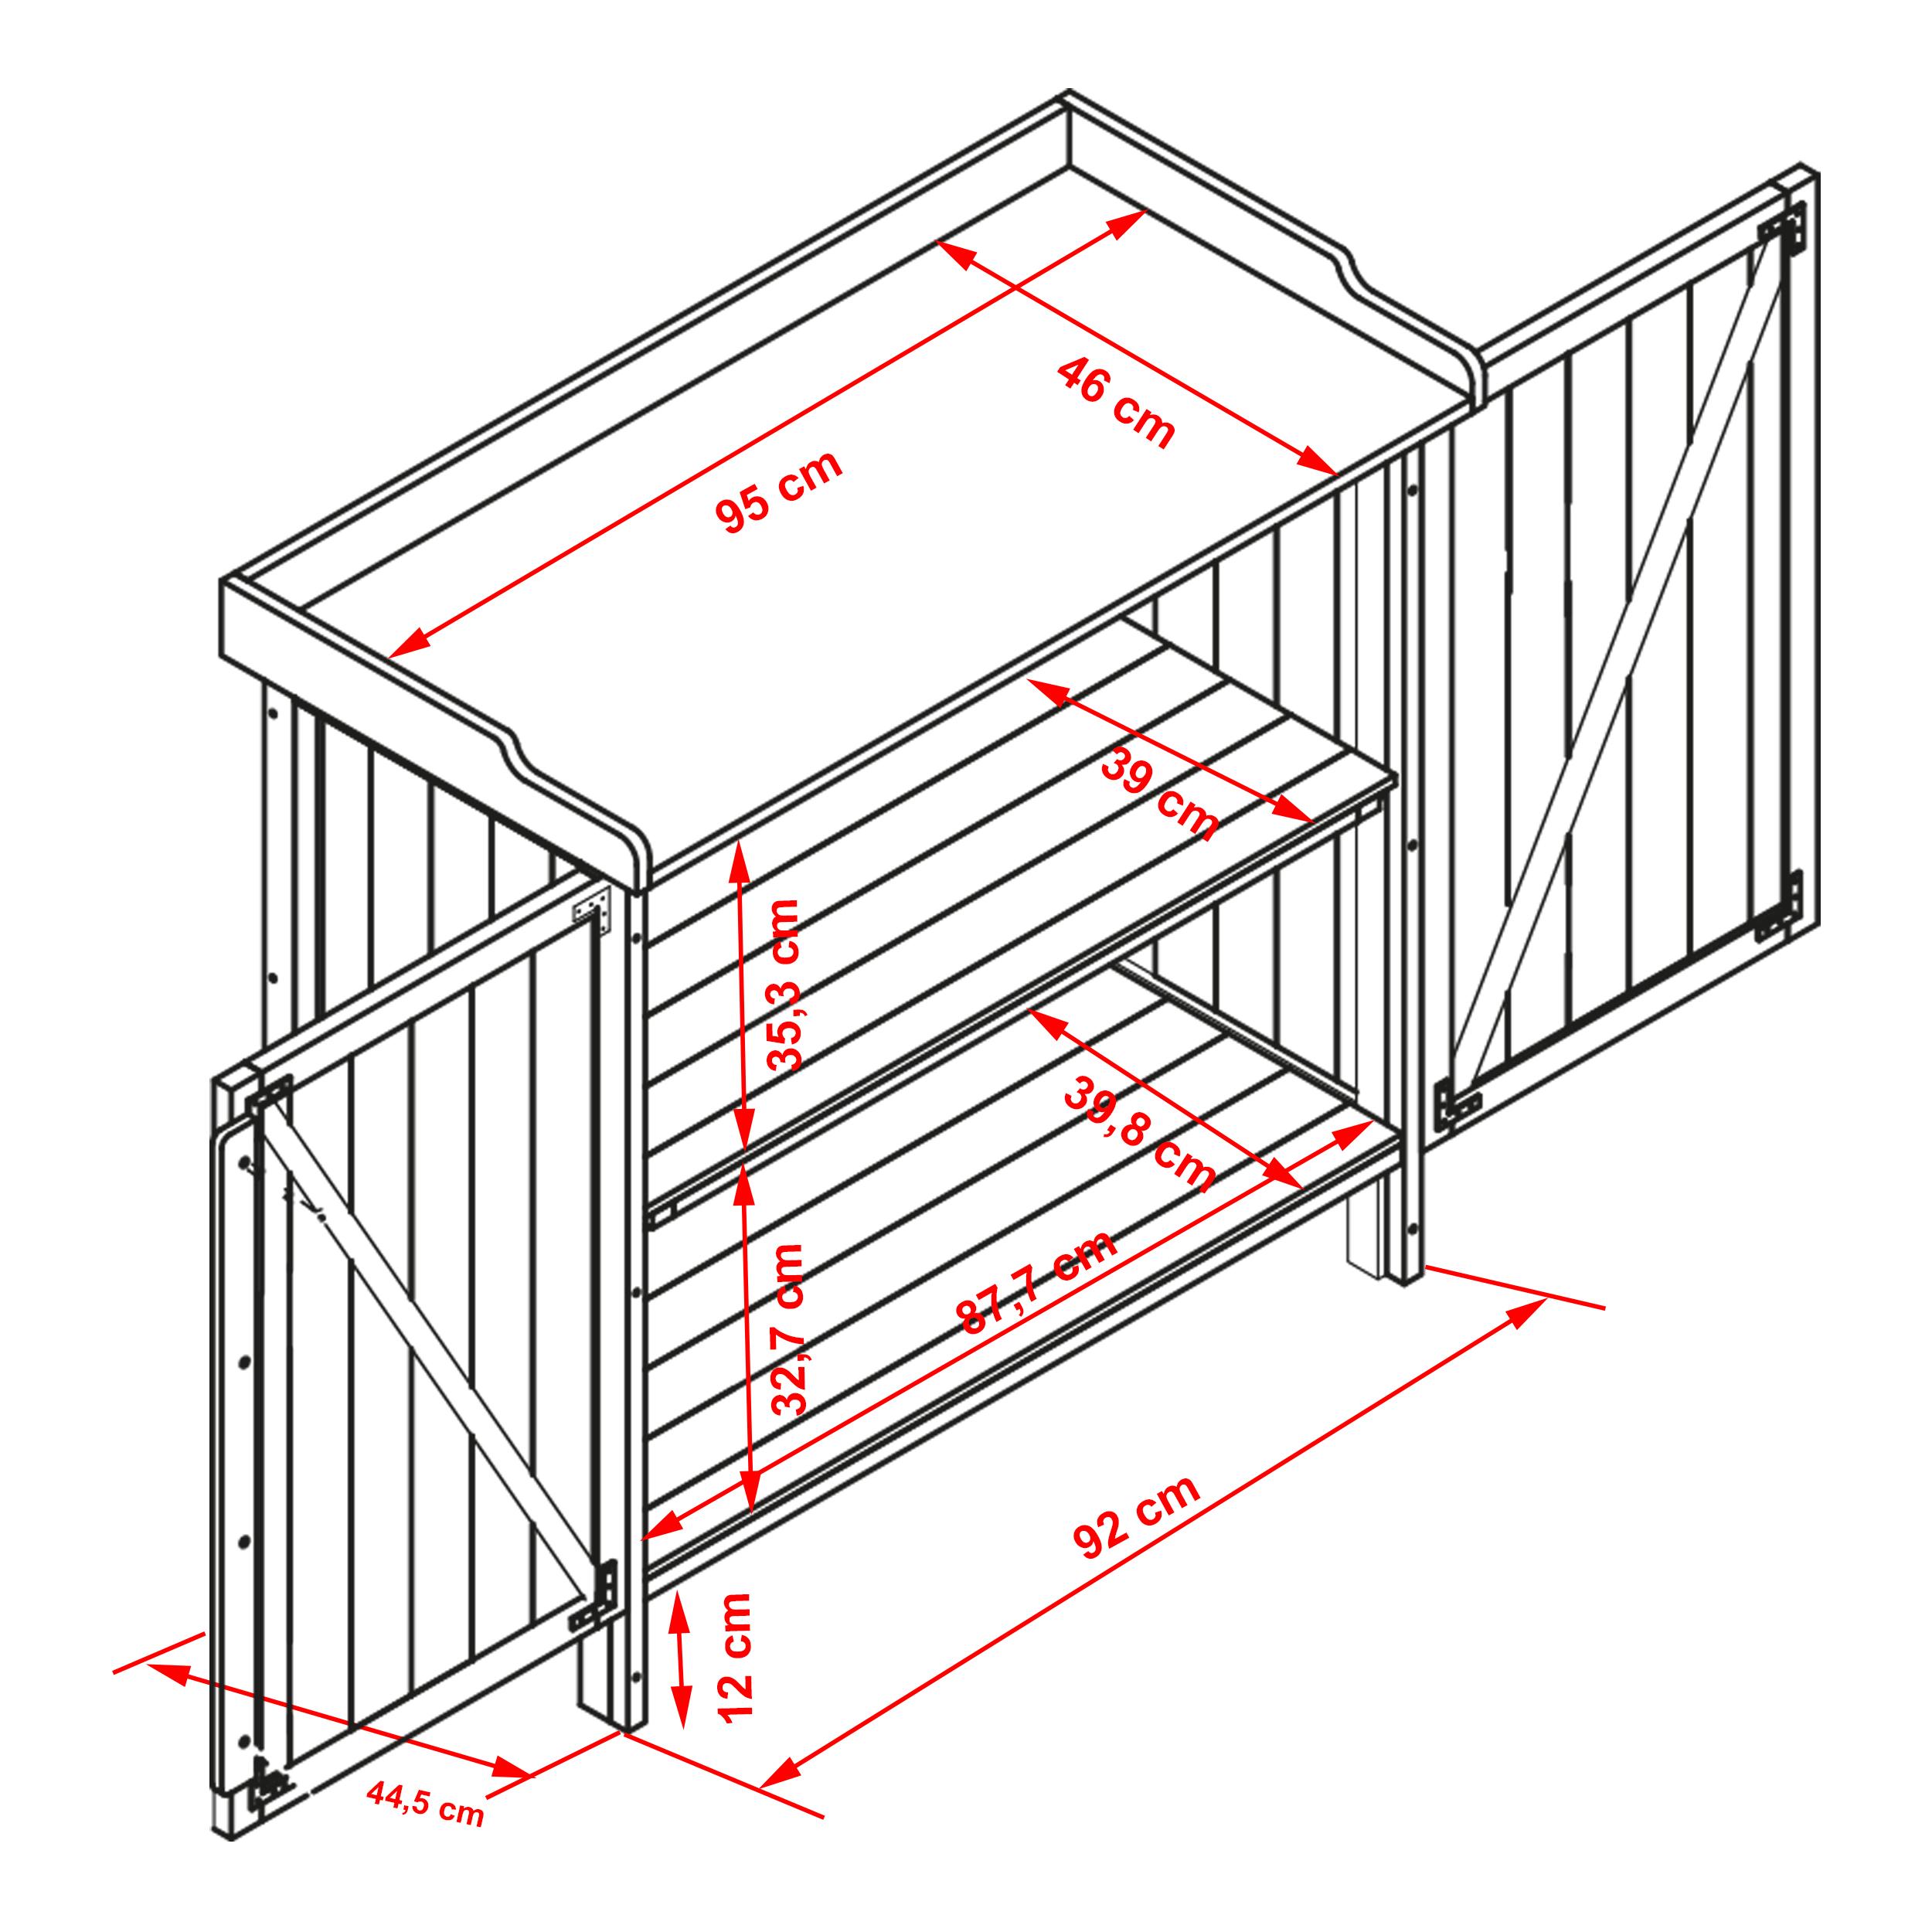 HABAU Gartentisch Lino mit Unterschrank - Skizze mit Maßen - 3095